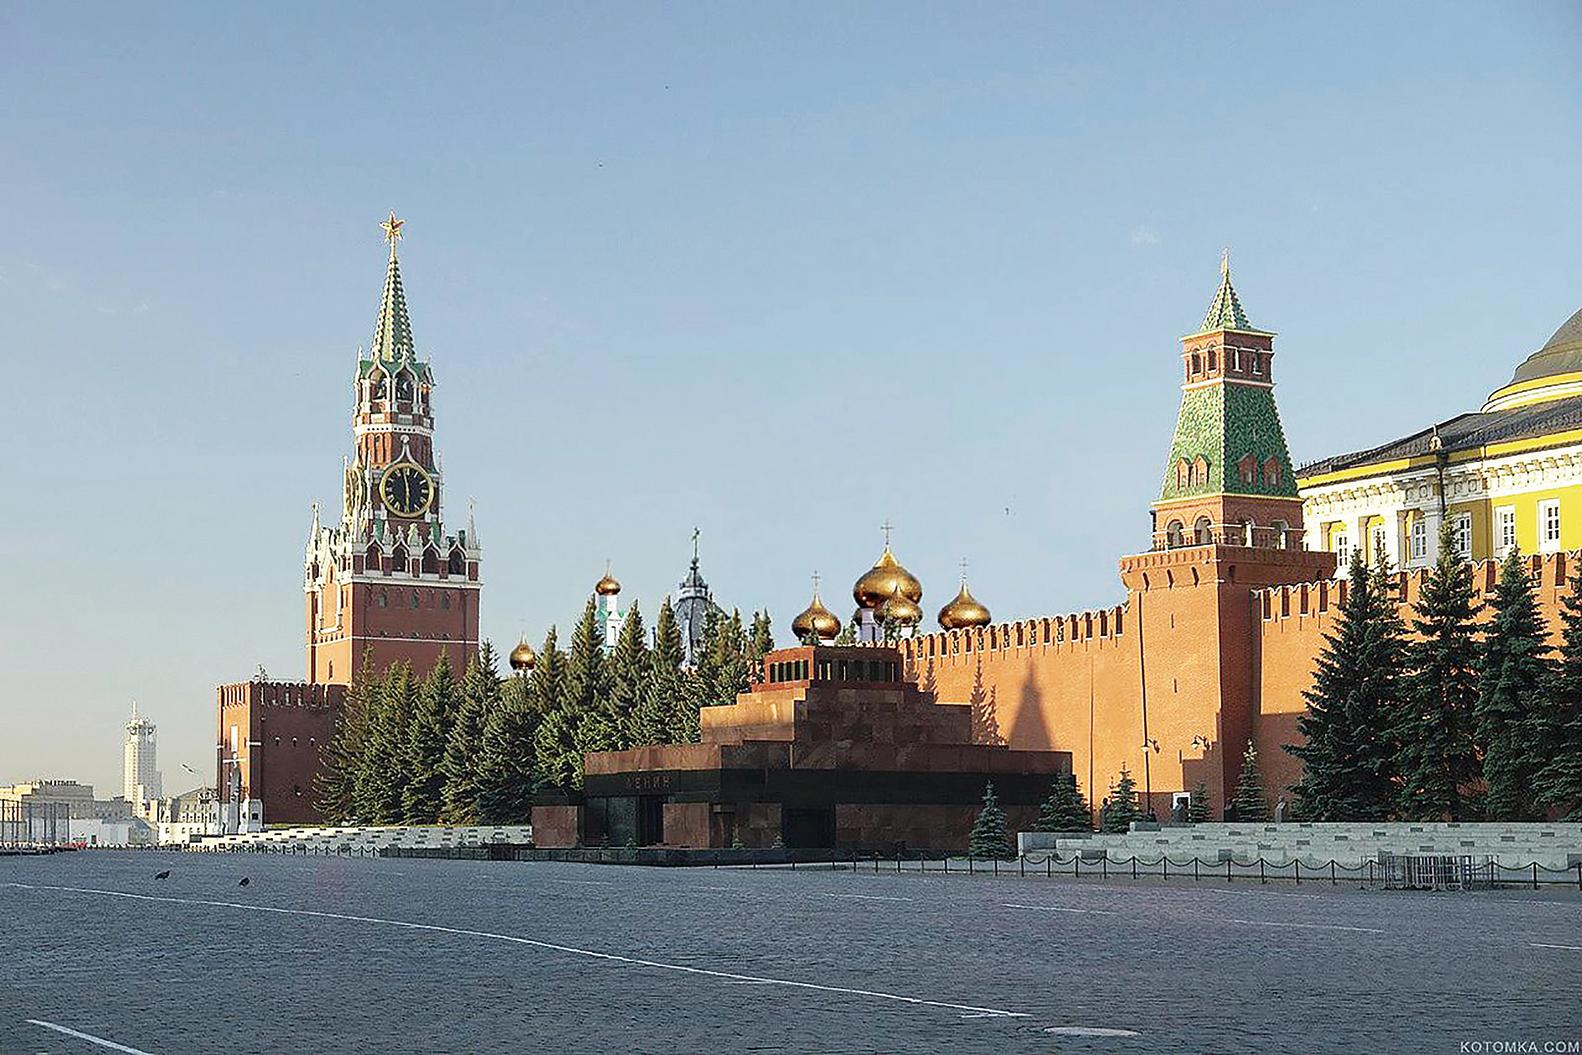 俄羅斯首都莫斯科市克里姆林宮城牆,很像北京的宮牆。(Quistnix/維基百科)